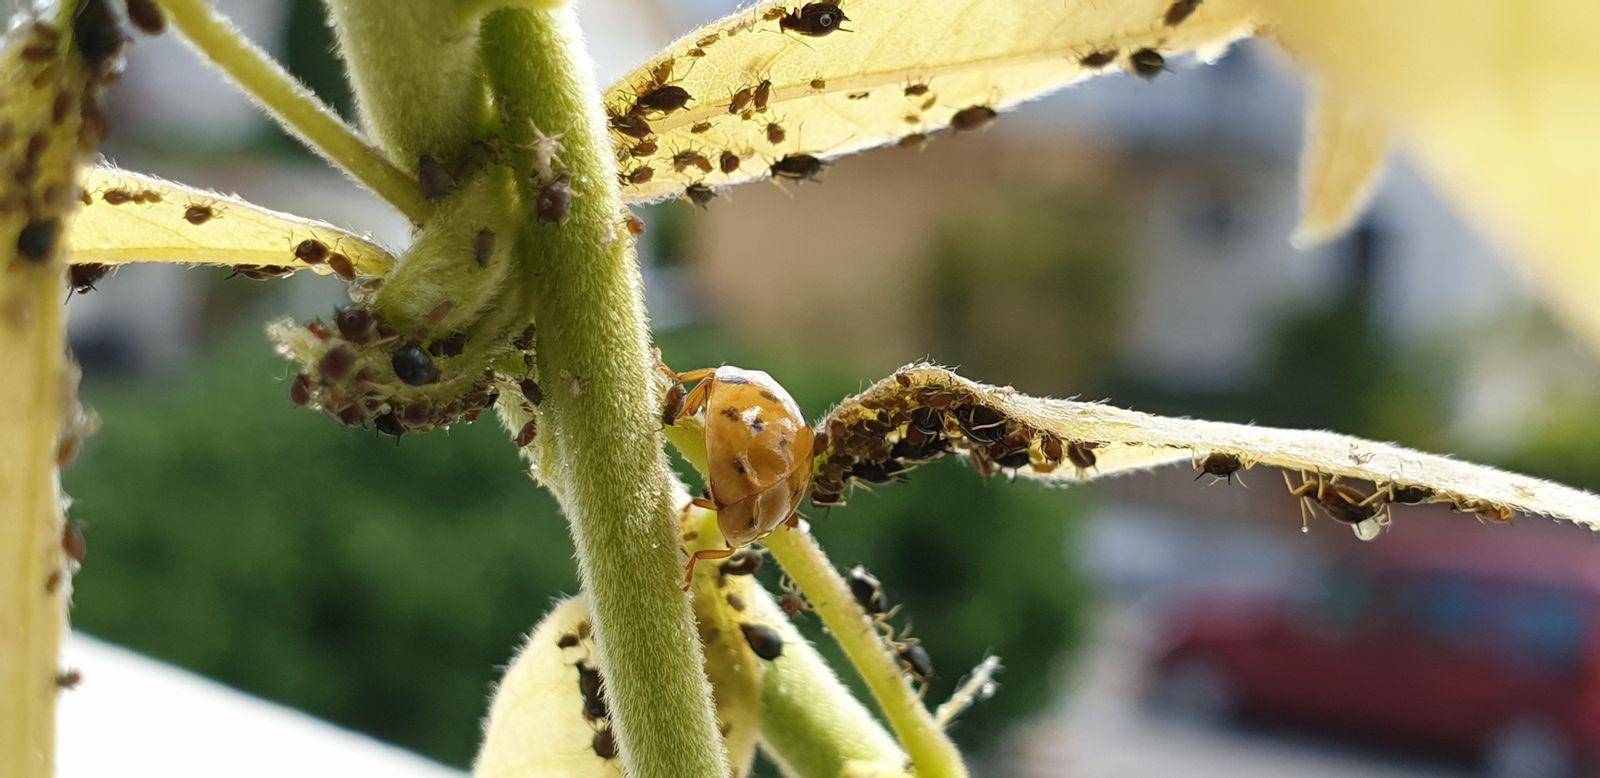 Pucerons et coccinelles sur glycine. Les pucerons produisent un miellat dont raffolent les abeilles, fourmis et autres insectes.